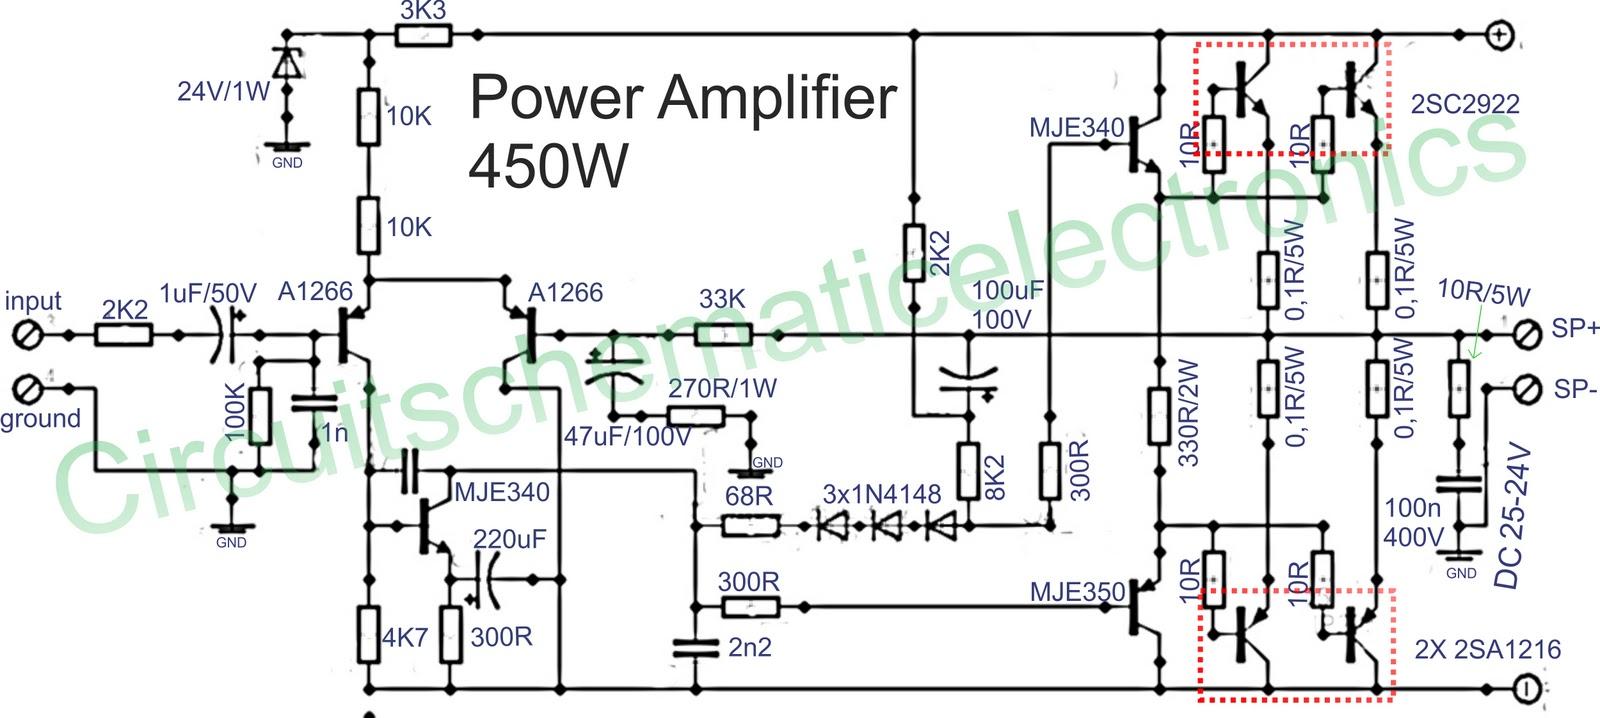 l520 wiring diagram schematics wiring diagram rh 5 19 13 jacqueline helm de